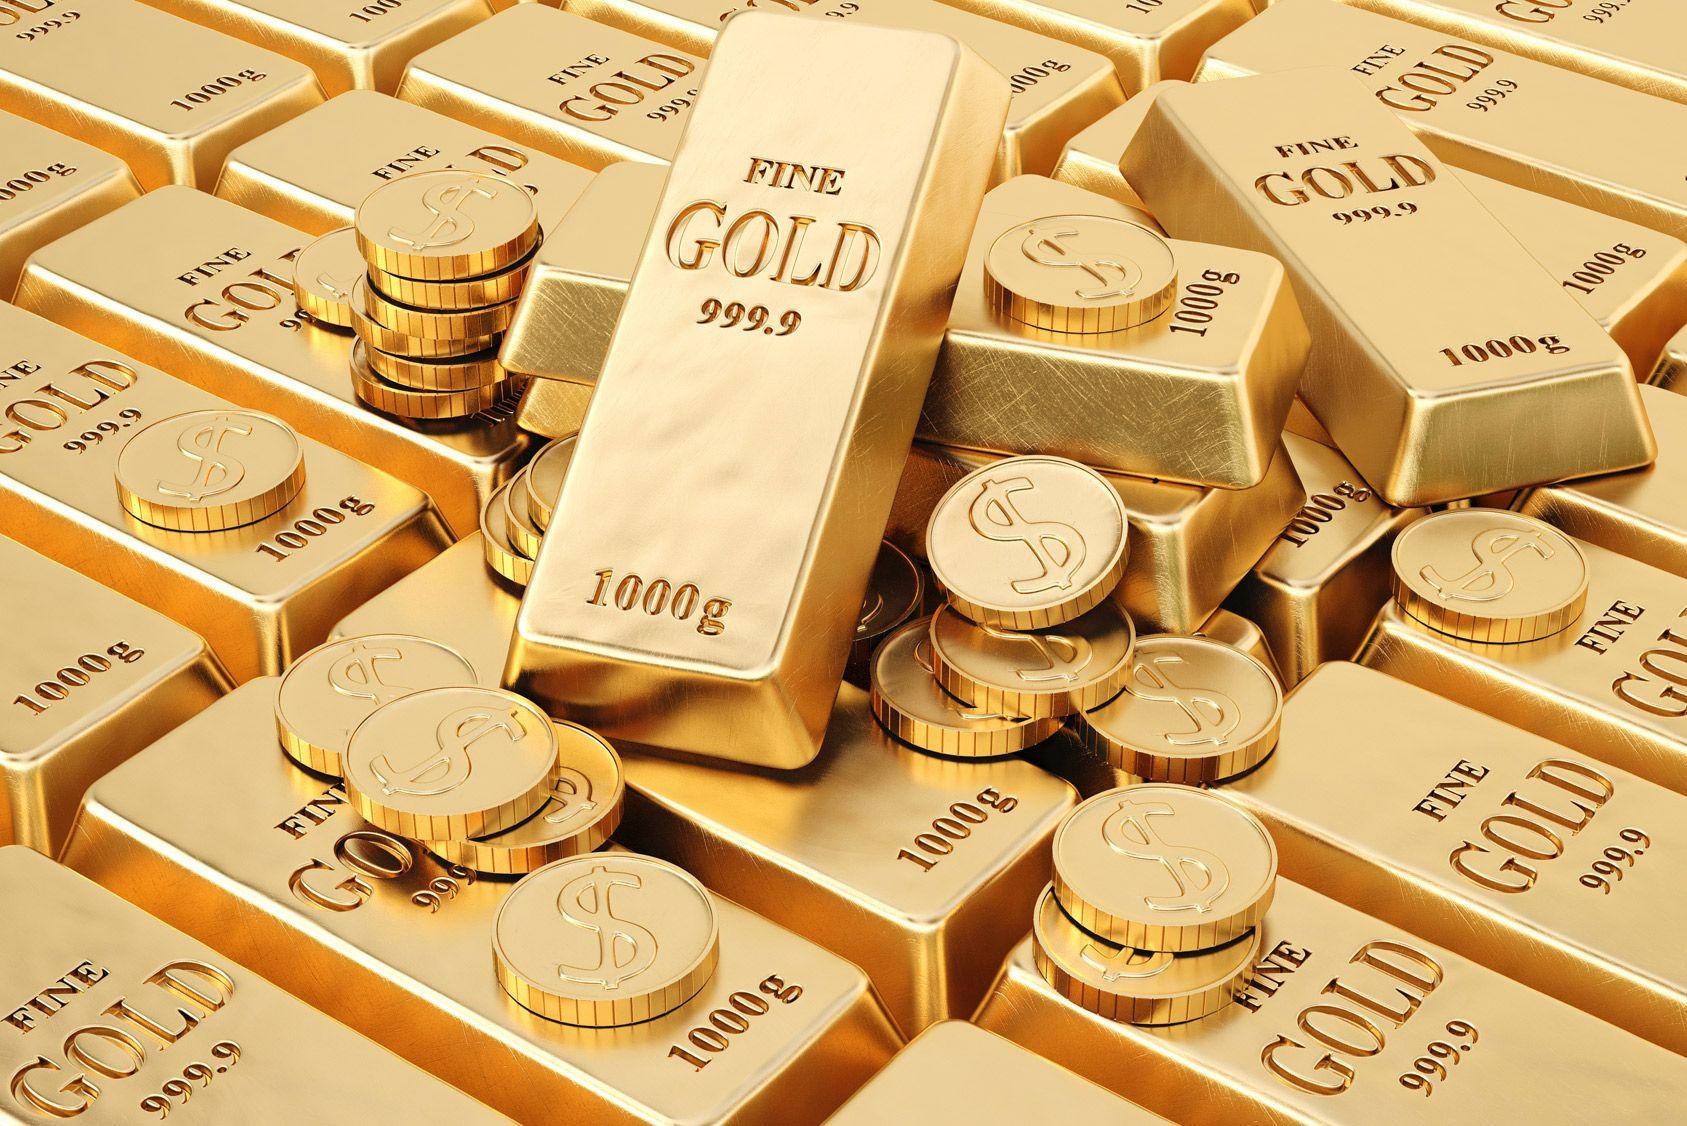 Comment faire pour revendre son or